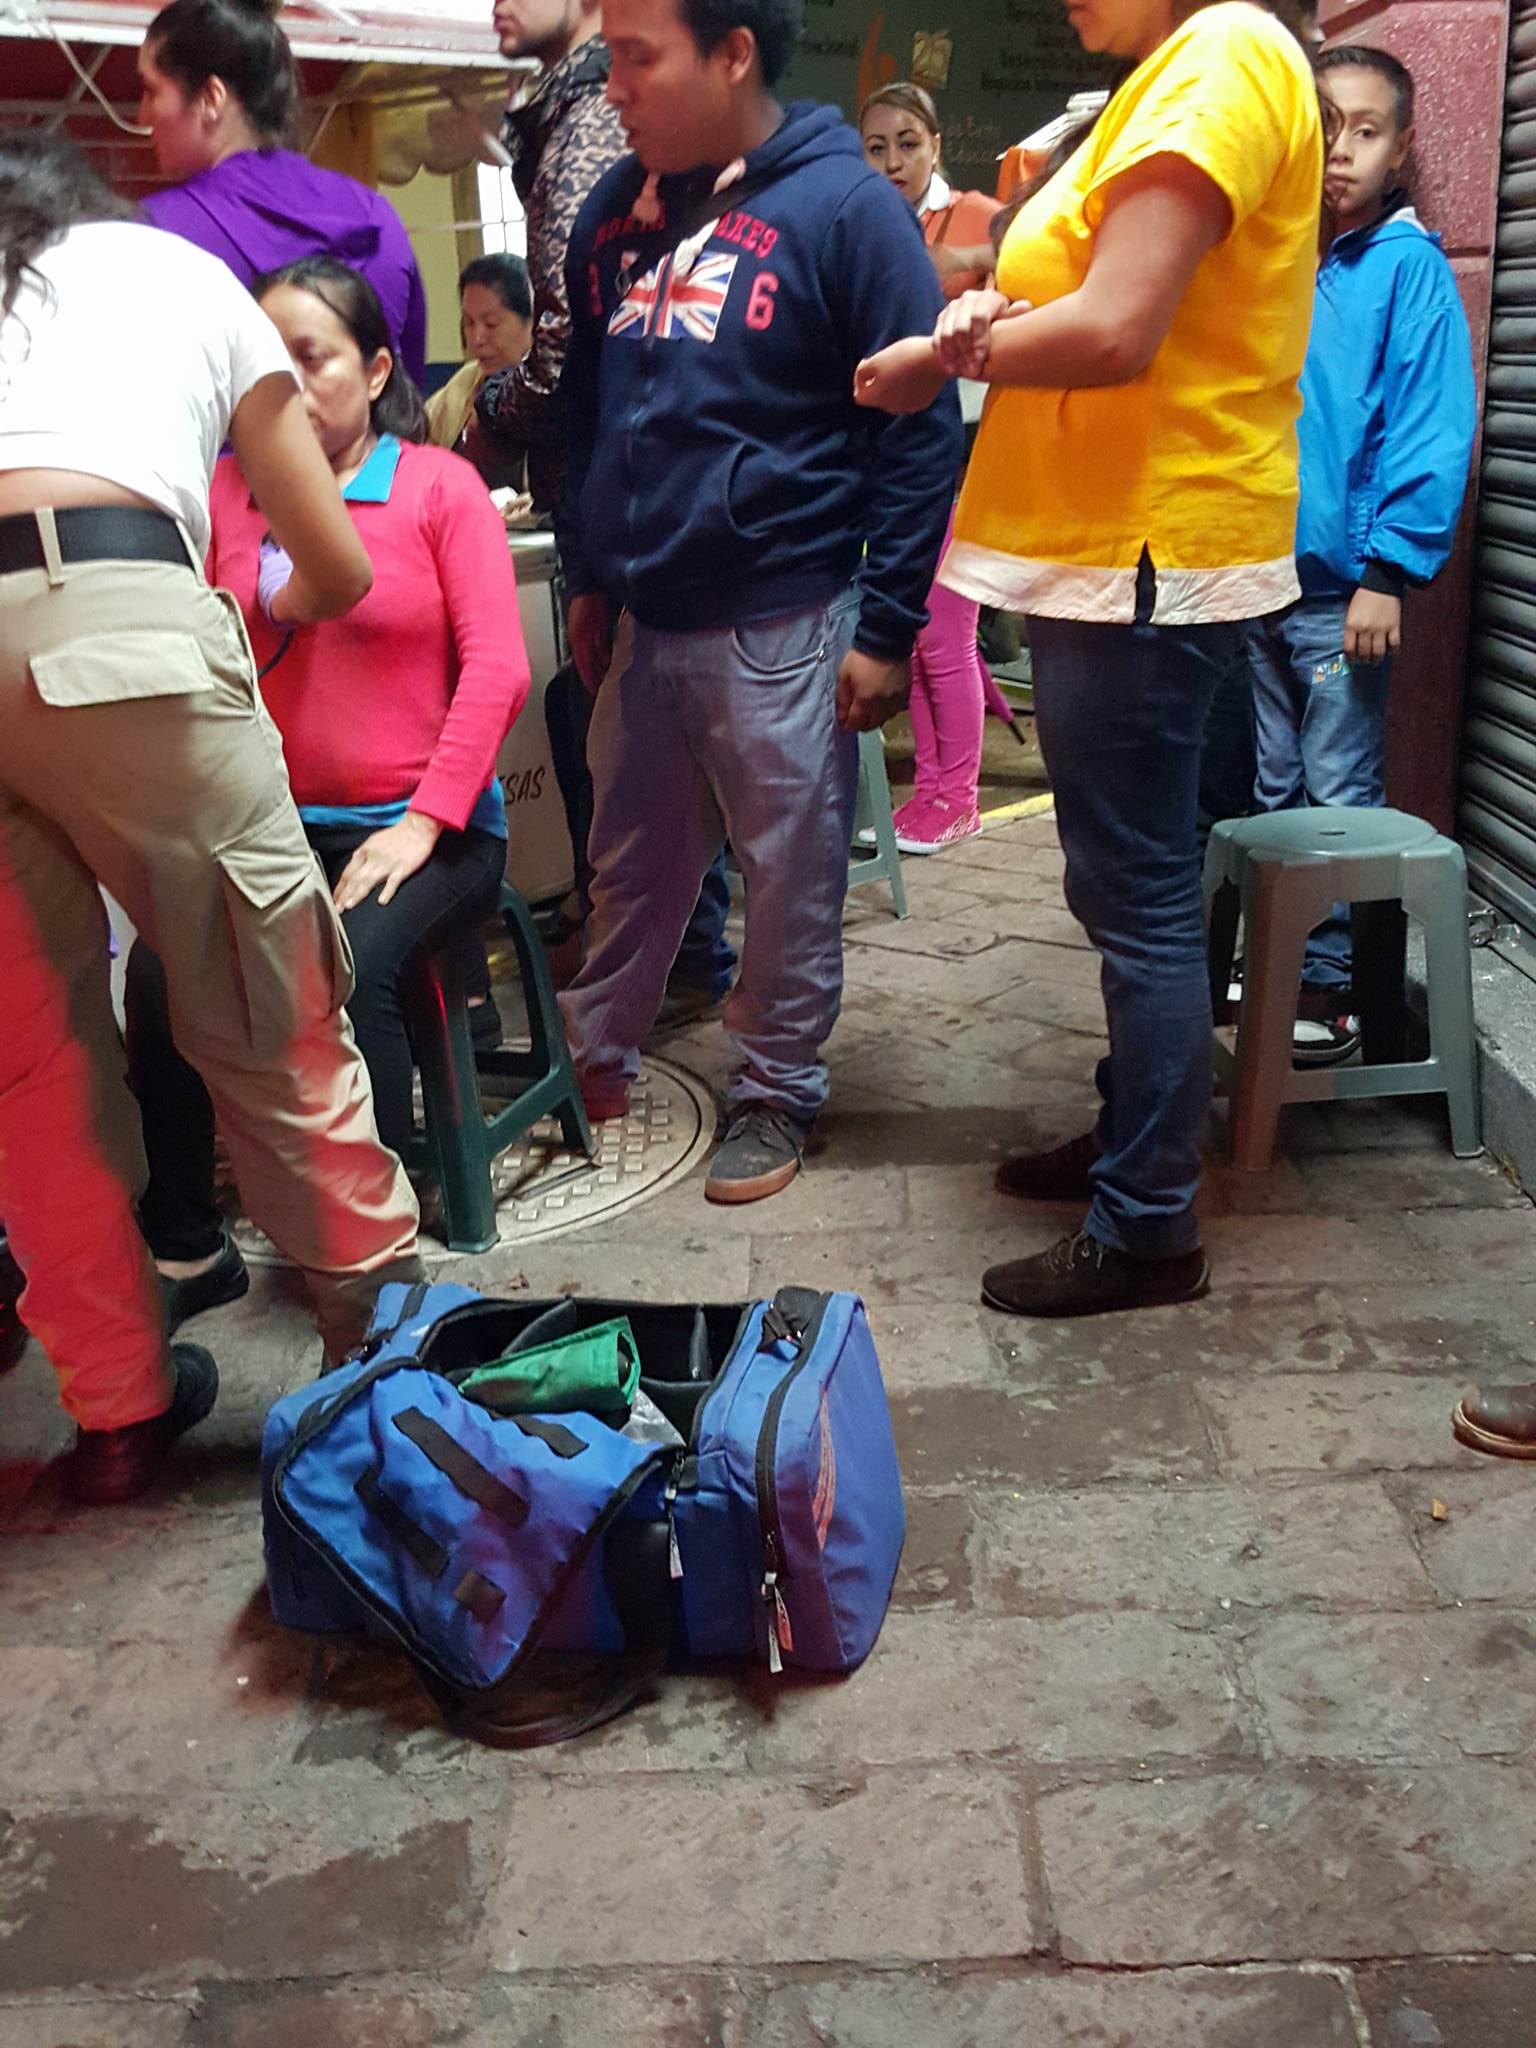 Mujer lesionada es arrollada por un vehículo desconocido en el centro de Zamora